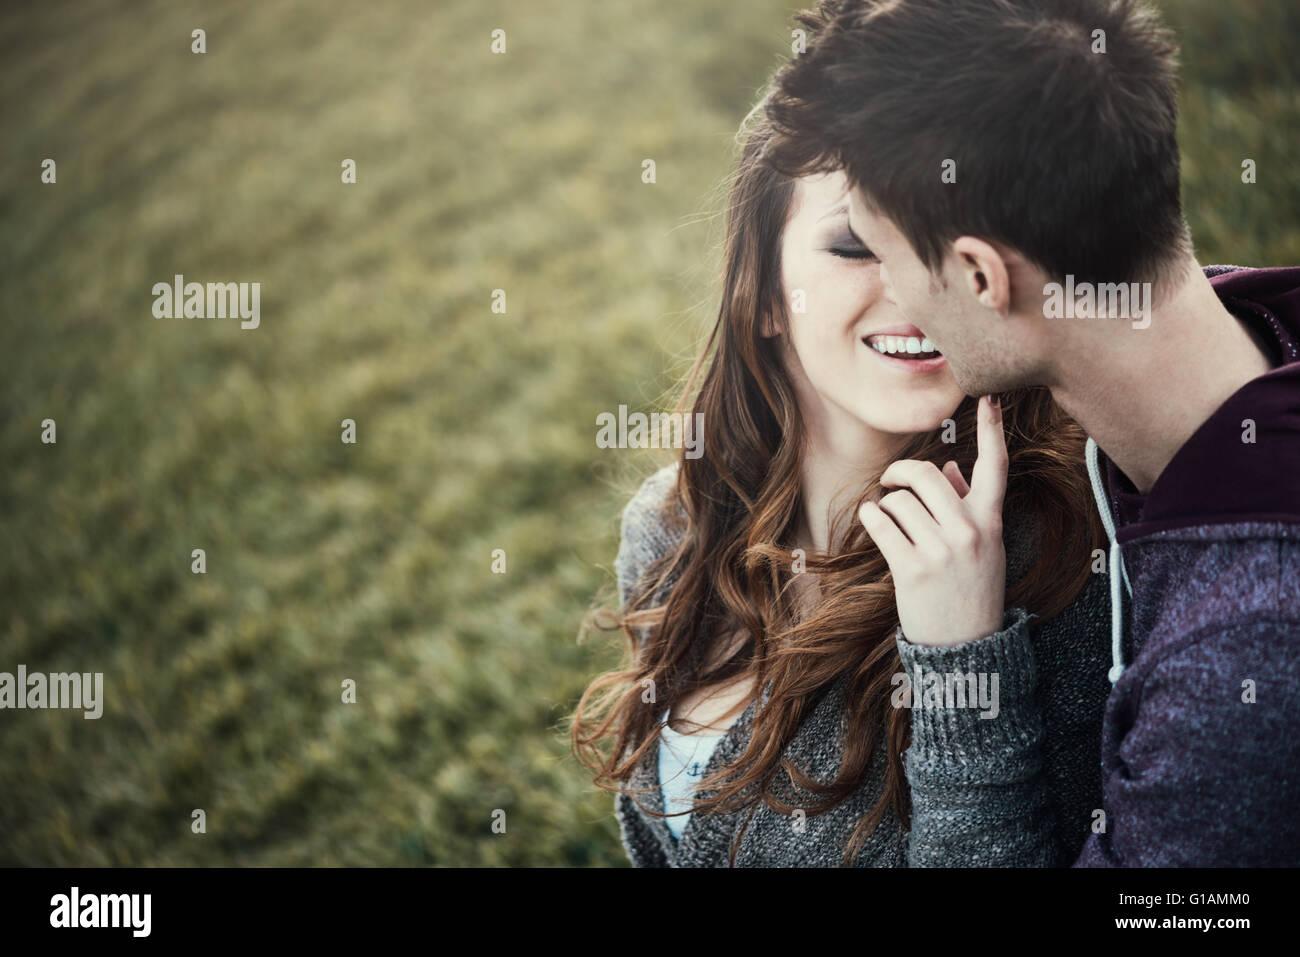 Junges Liebespaar auf dem Rasen sitzen, ist sie flirtet mit ihm, Liebe und Beziehungen-Konzept Stockbild